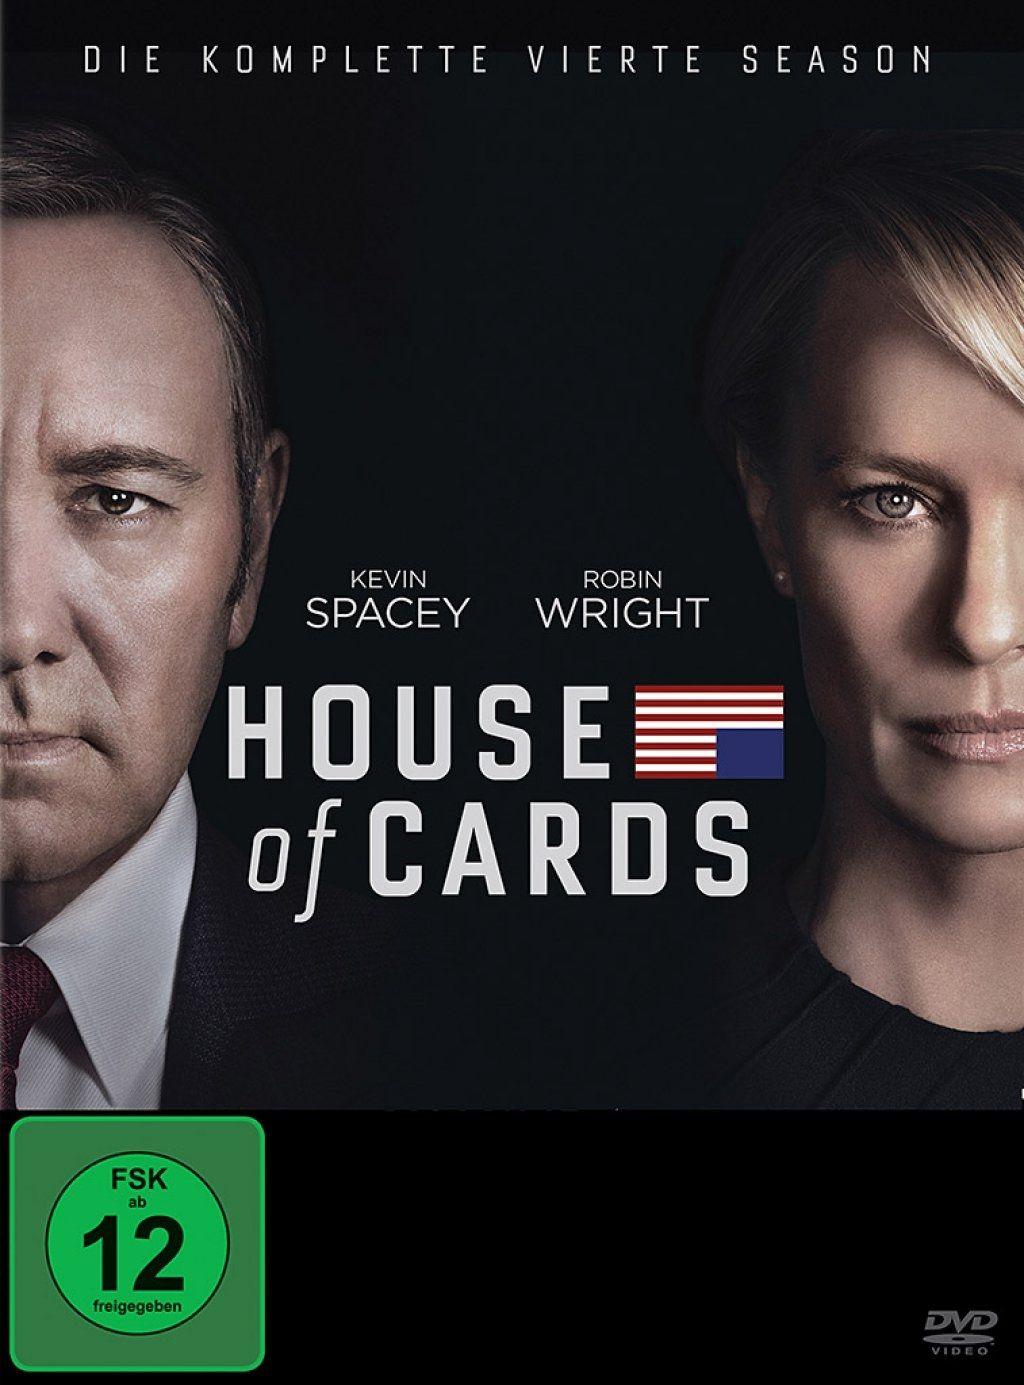 House of Cards - Die komplette vierte Season (2013) (4 Discs)